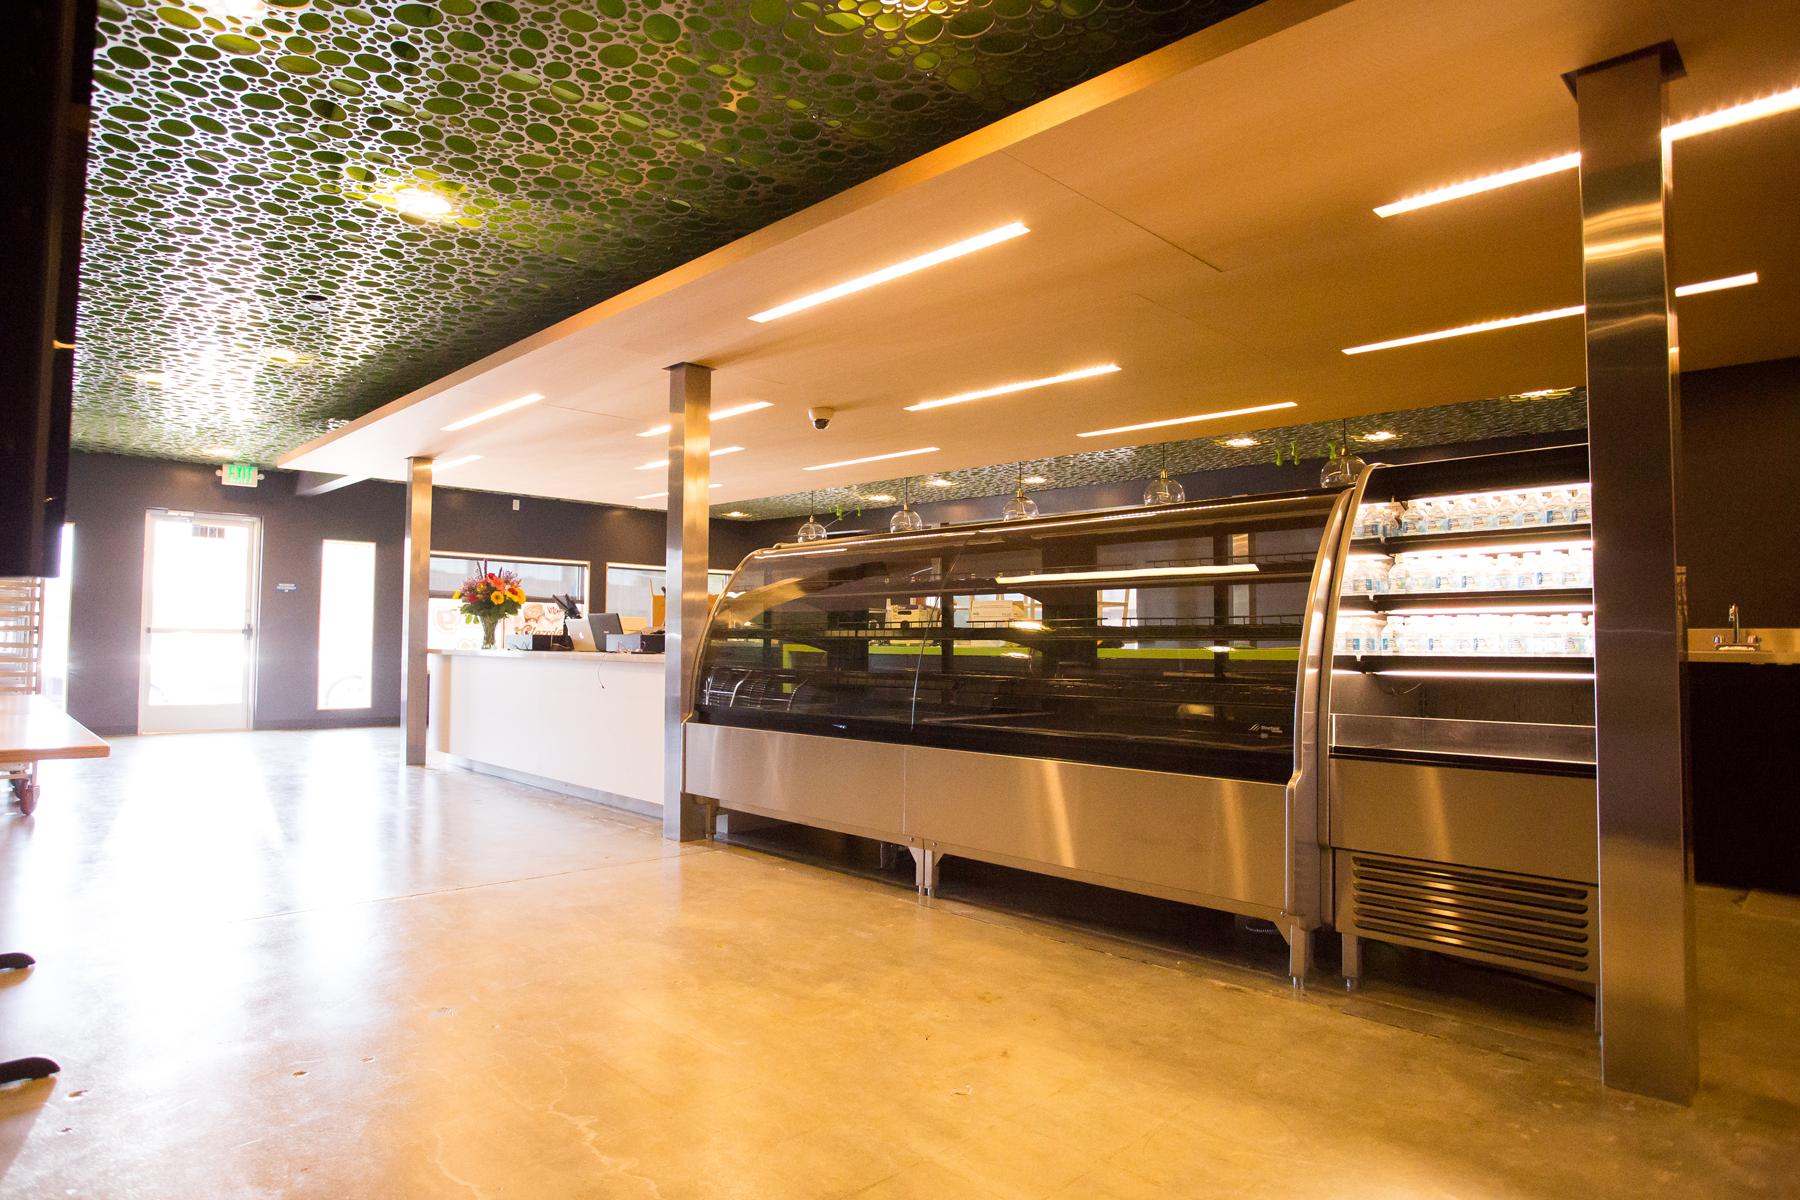 Restaurant Buildout, Denver Colorado